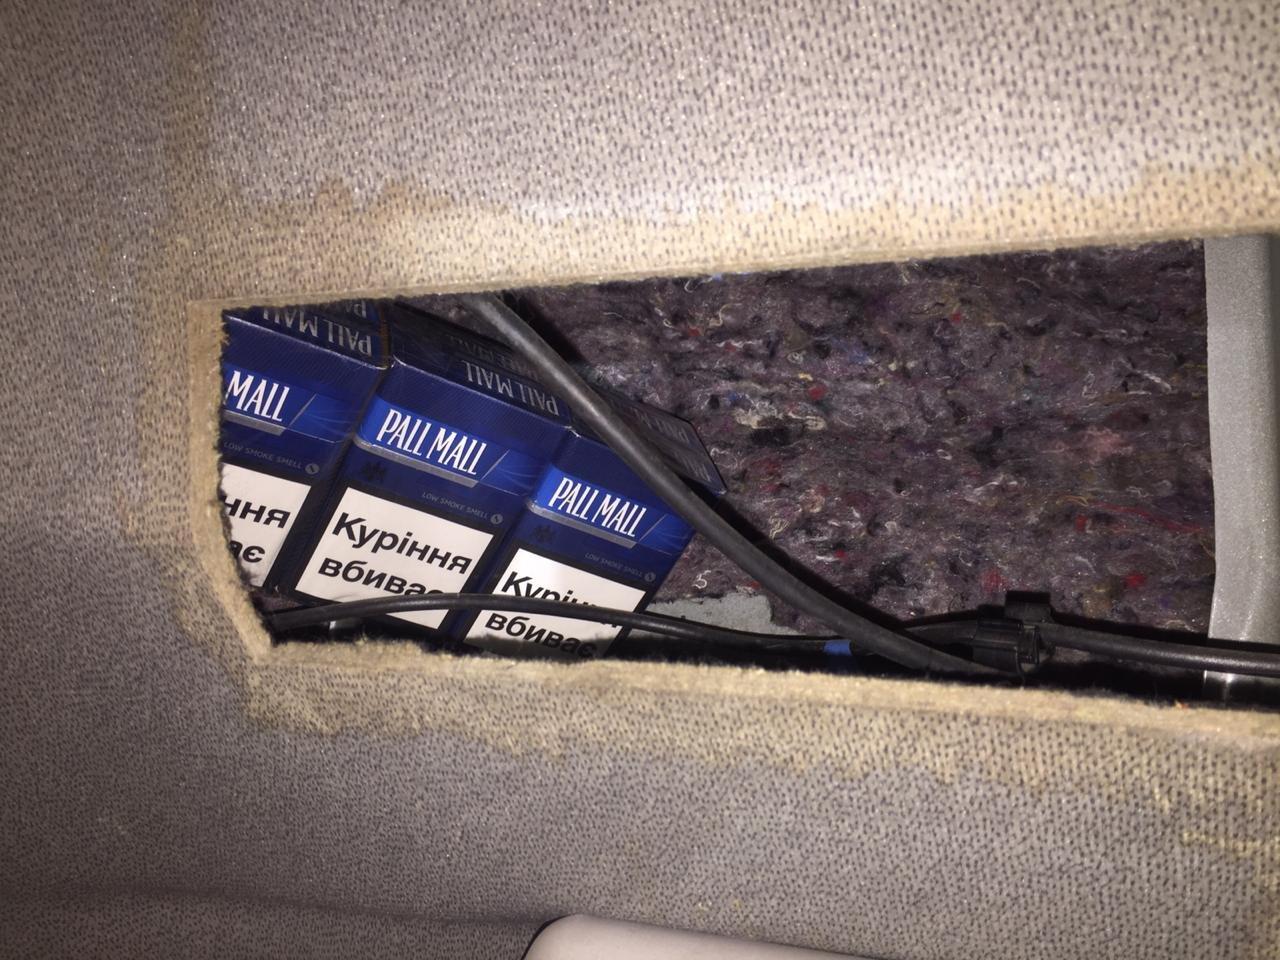 Закарпатські прикордонники забрали у водія тягач через приховані 1090 пачок цигарок (ФОТО), фото-4